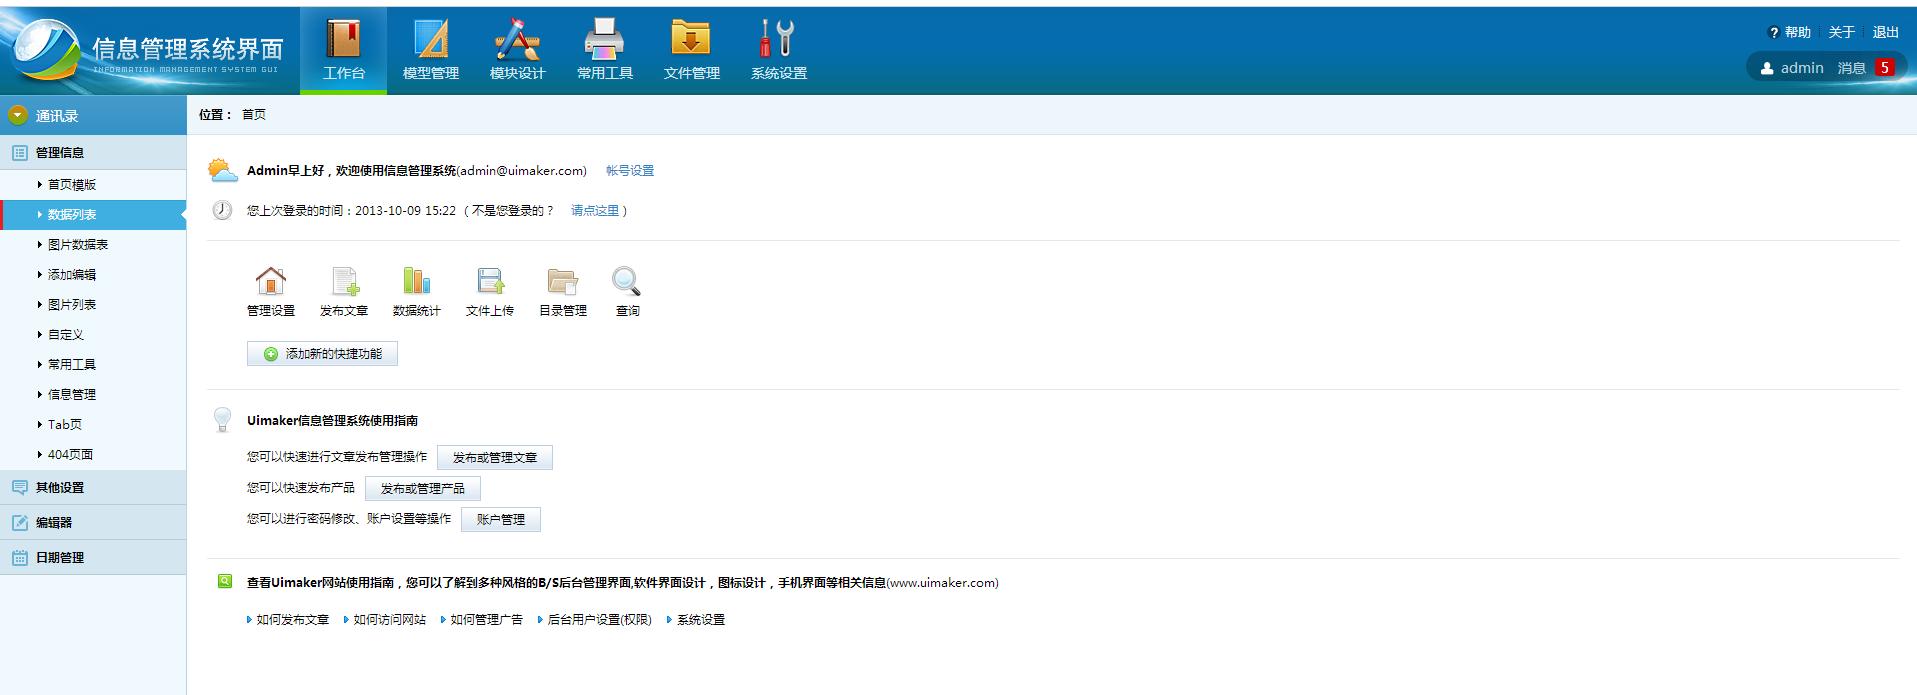 精美的win7风格网站后台管理界面模板html源码